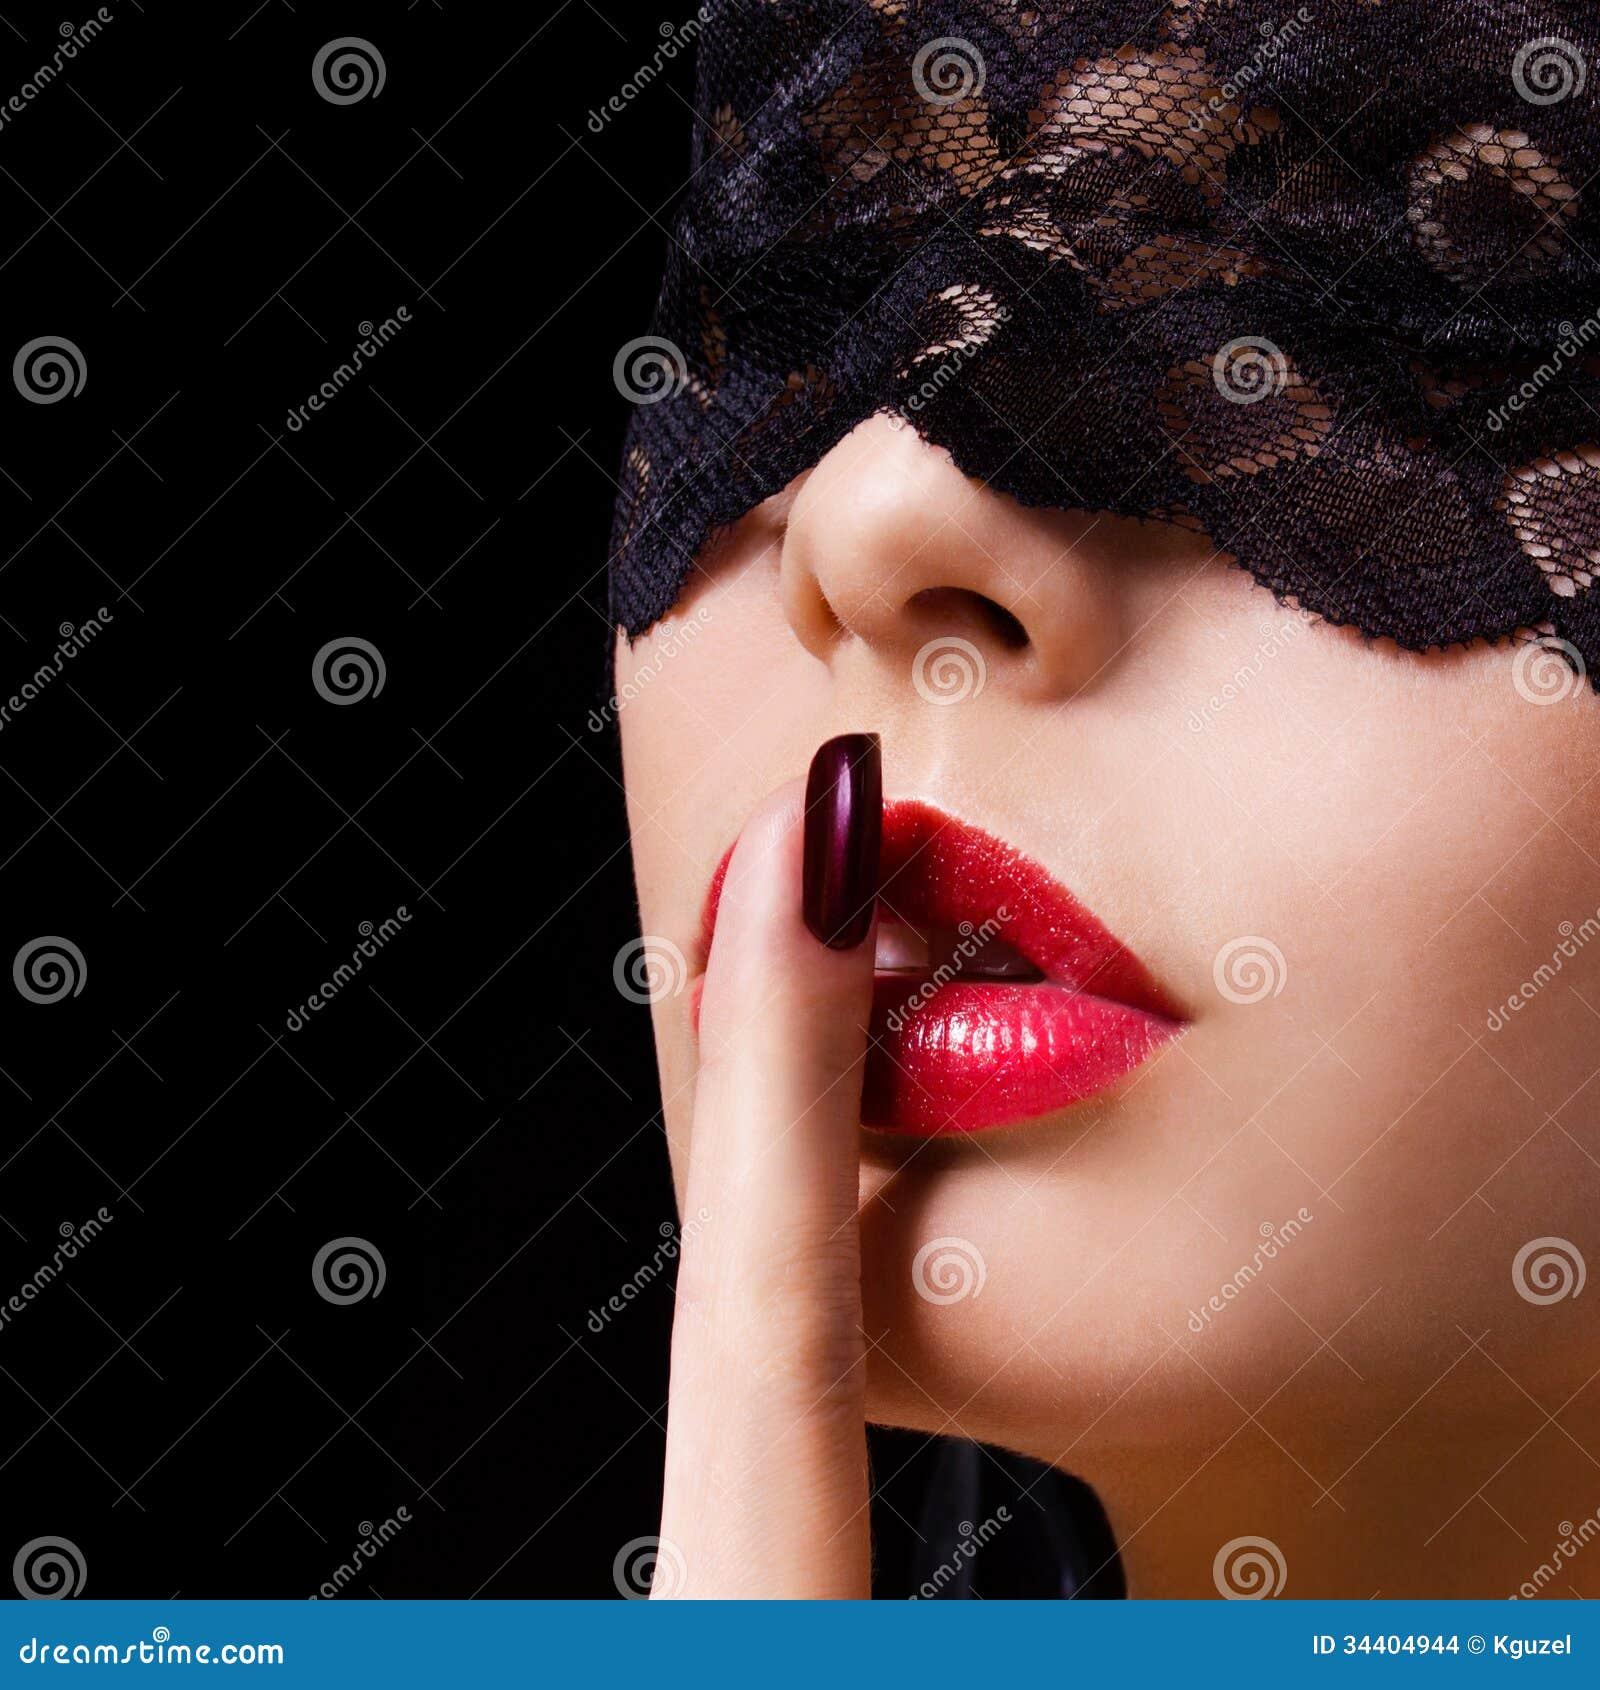 Stille. Sexy Frau mit dem Finger auf ihrem roten Lippendarstellen bringen zum Schweigen. Erotisches Mädchen mit Spitzemaske über S